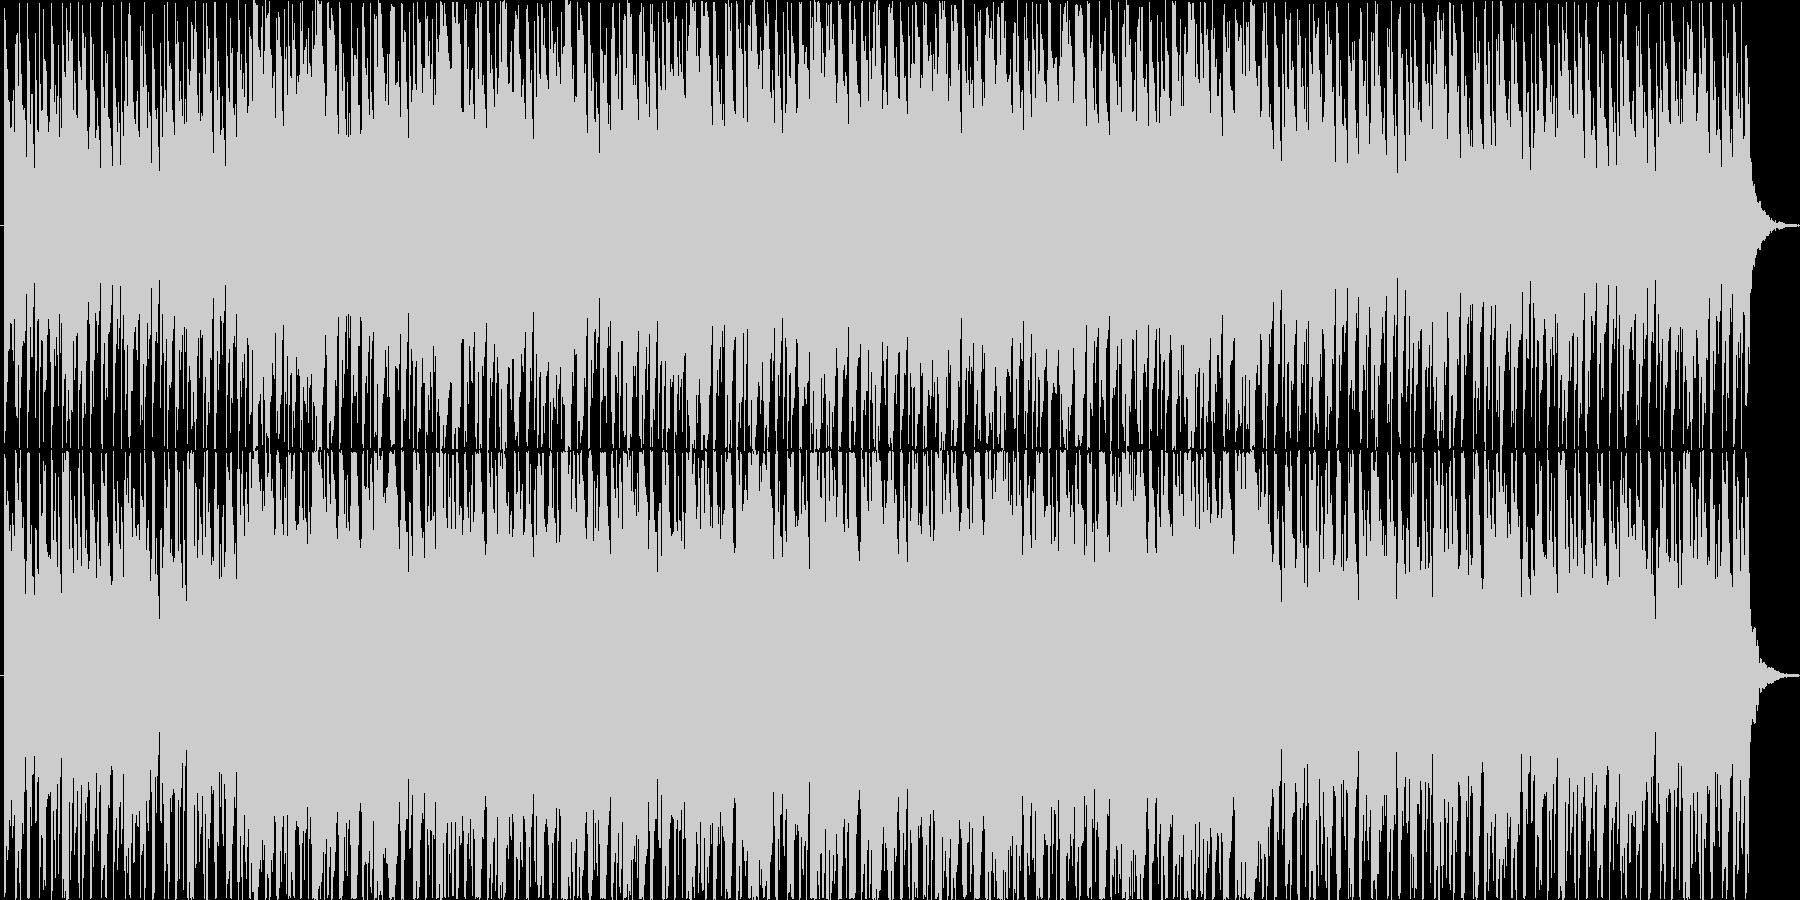 民族楽器を使用したフィールドBGMの未再生の波形